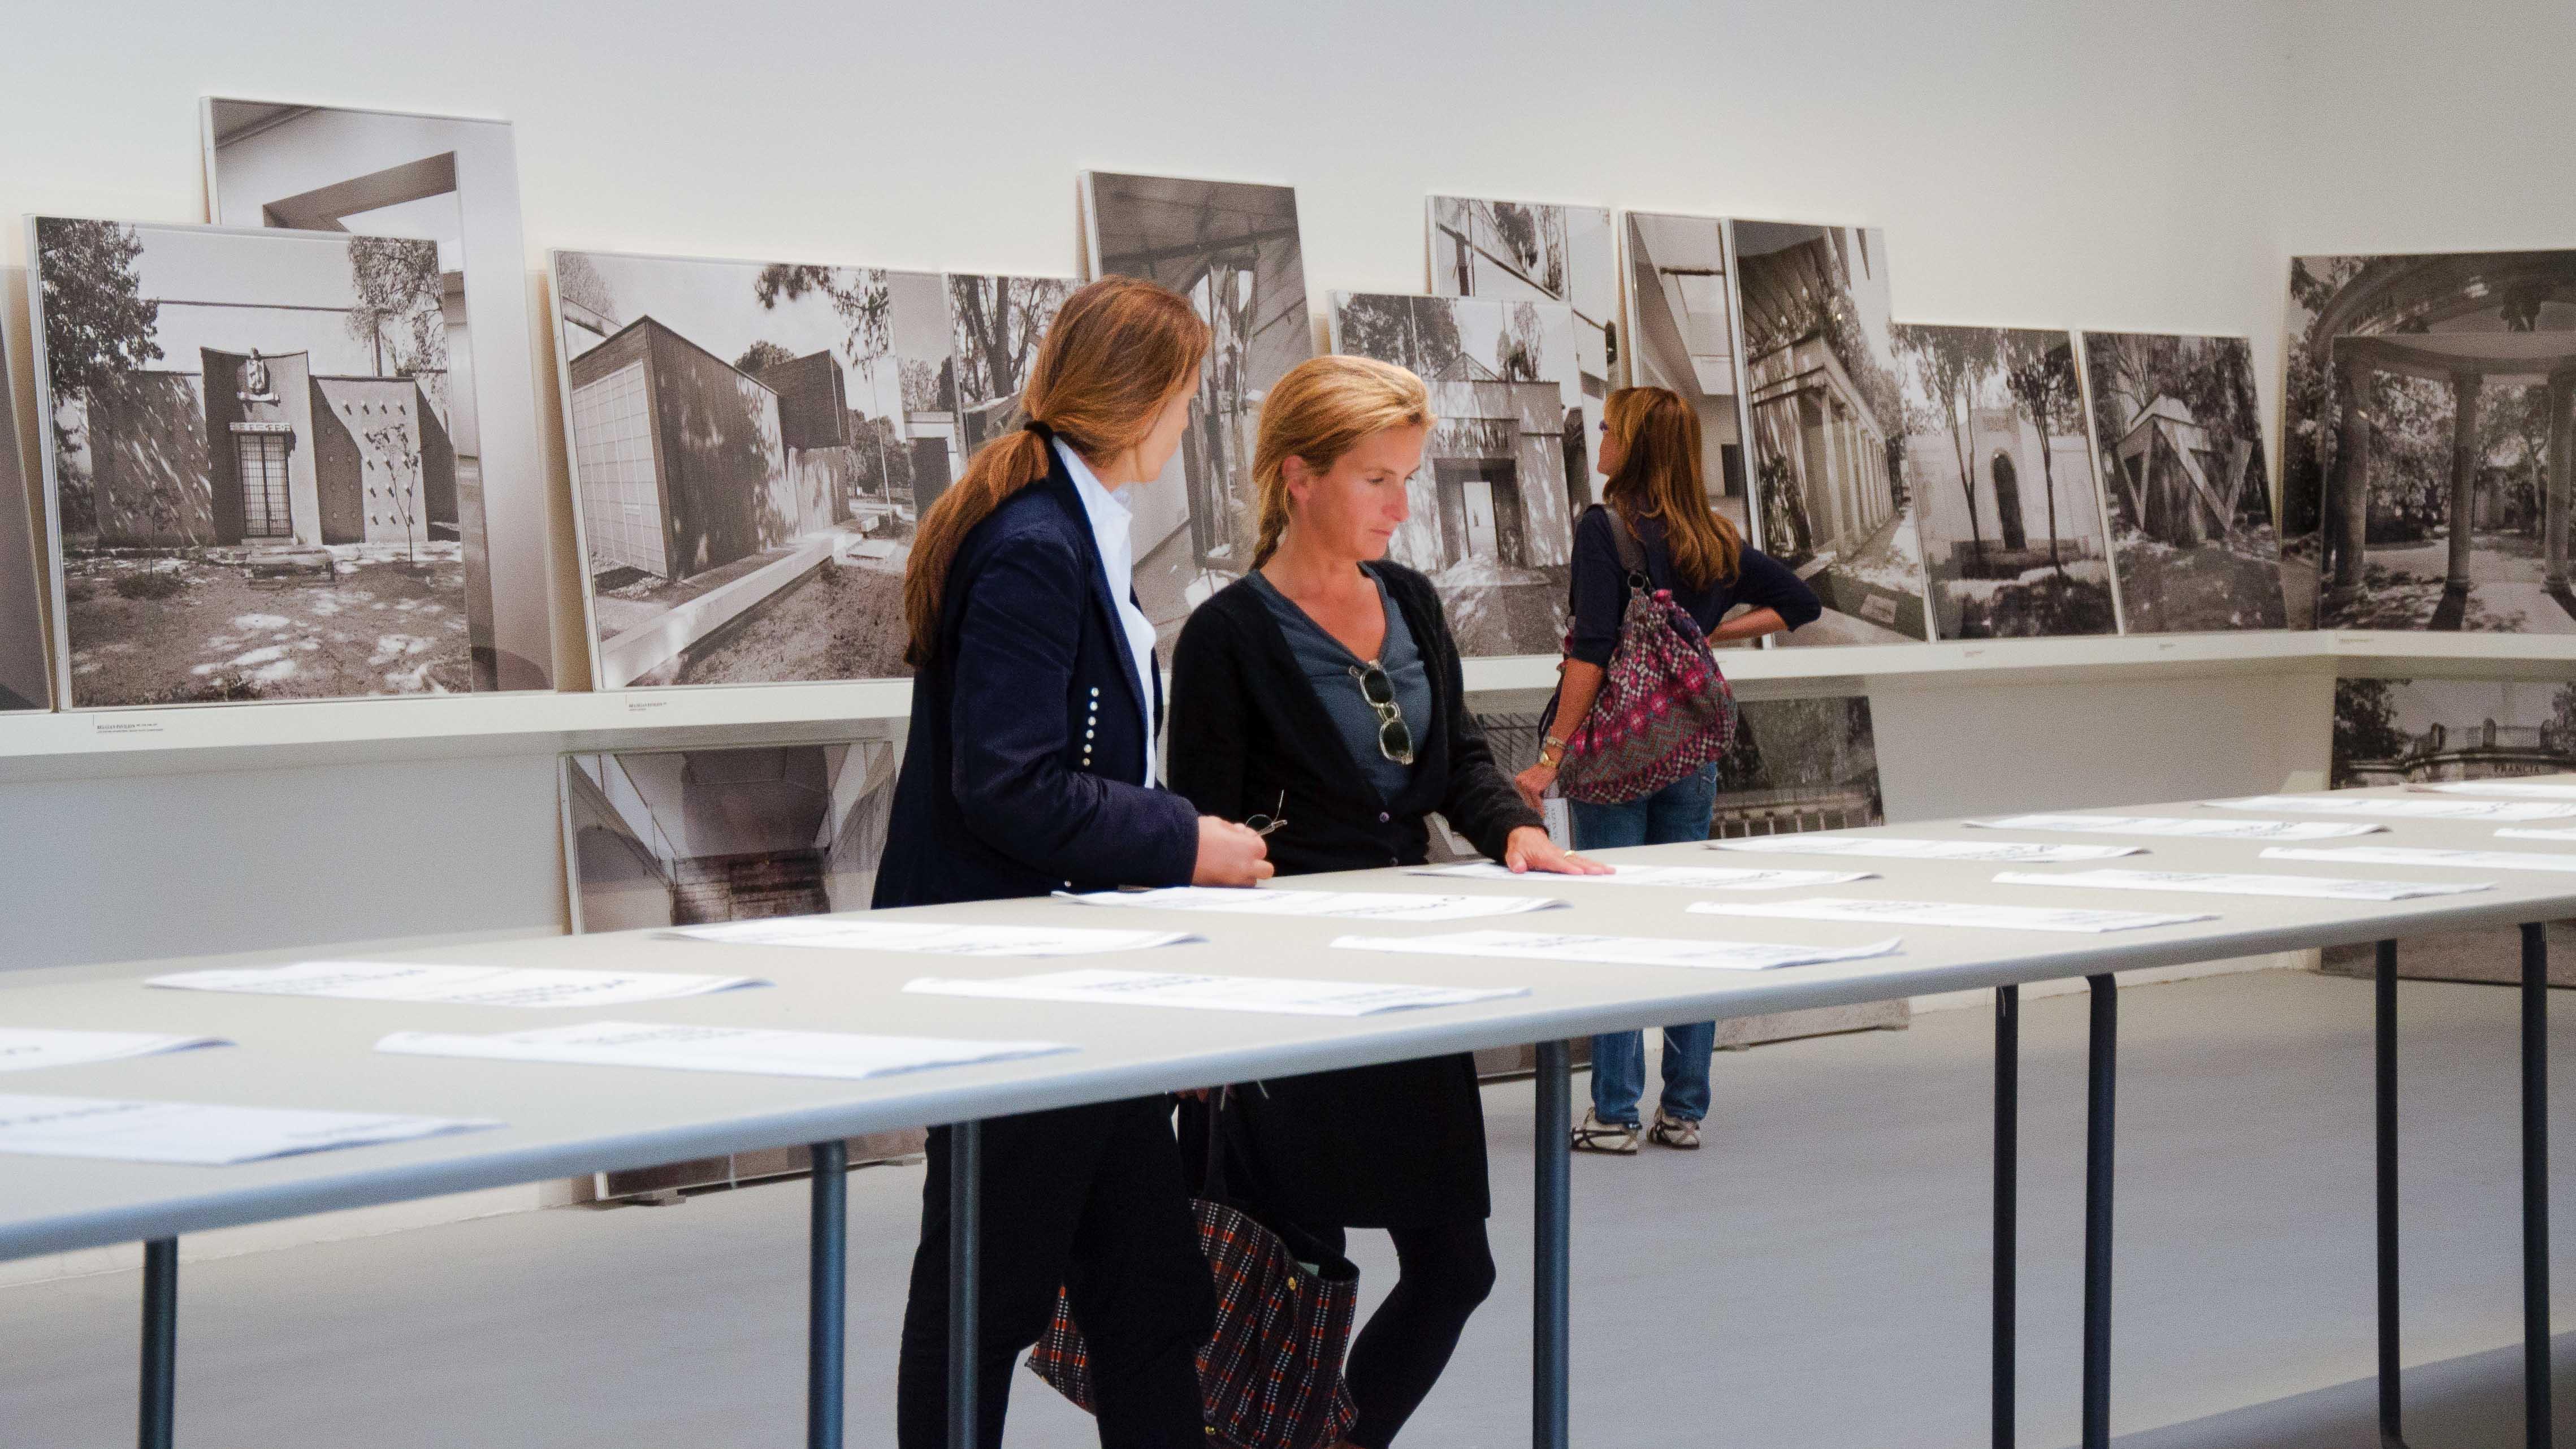 _ Agarttha Arte - Gabriele Basilico - Biennale di archettura 2012 Venezia-2